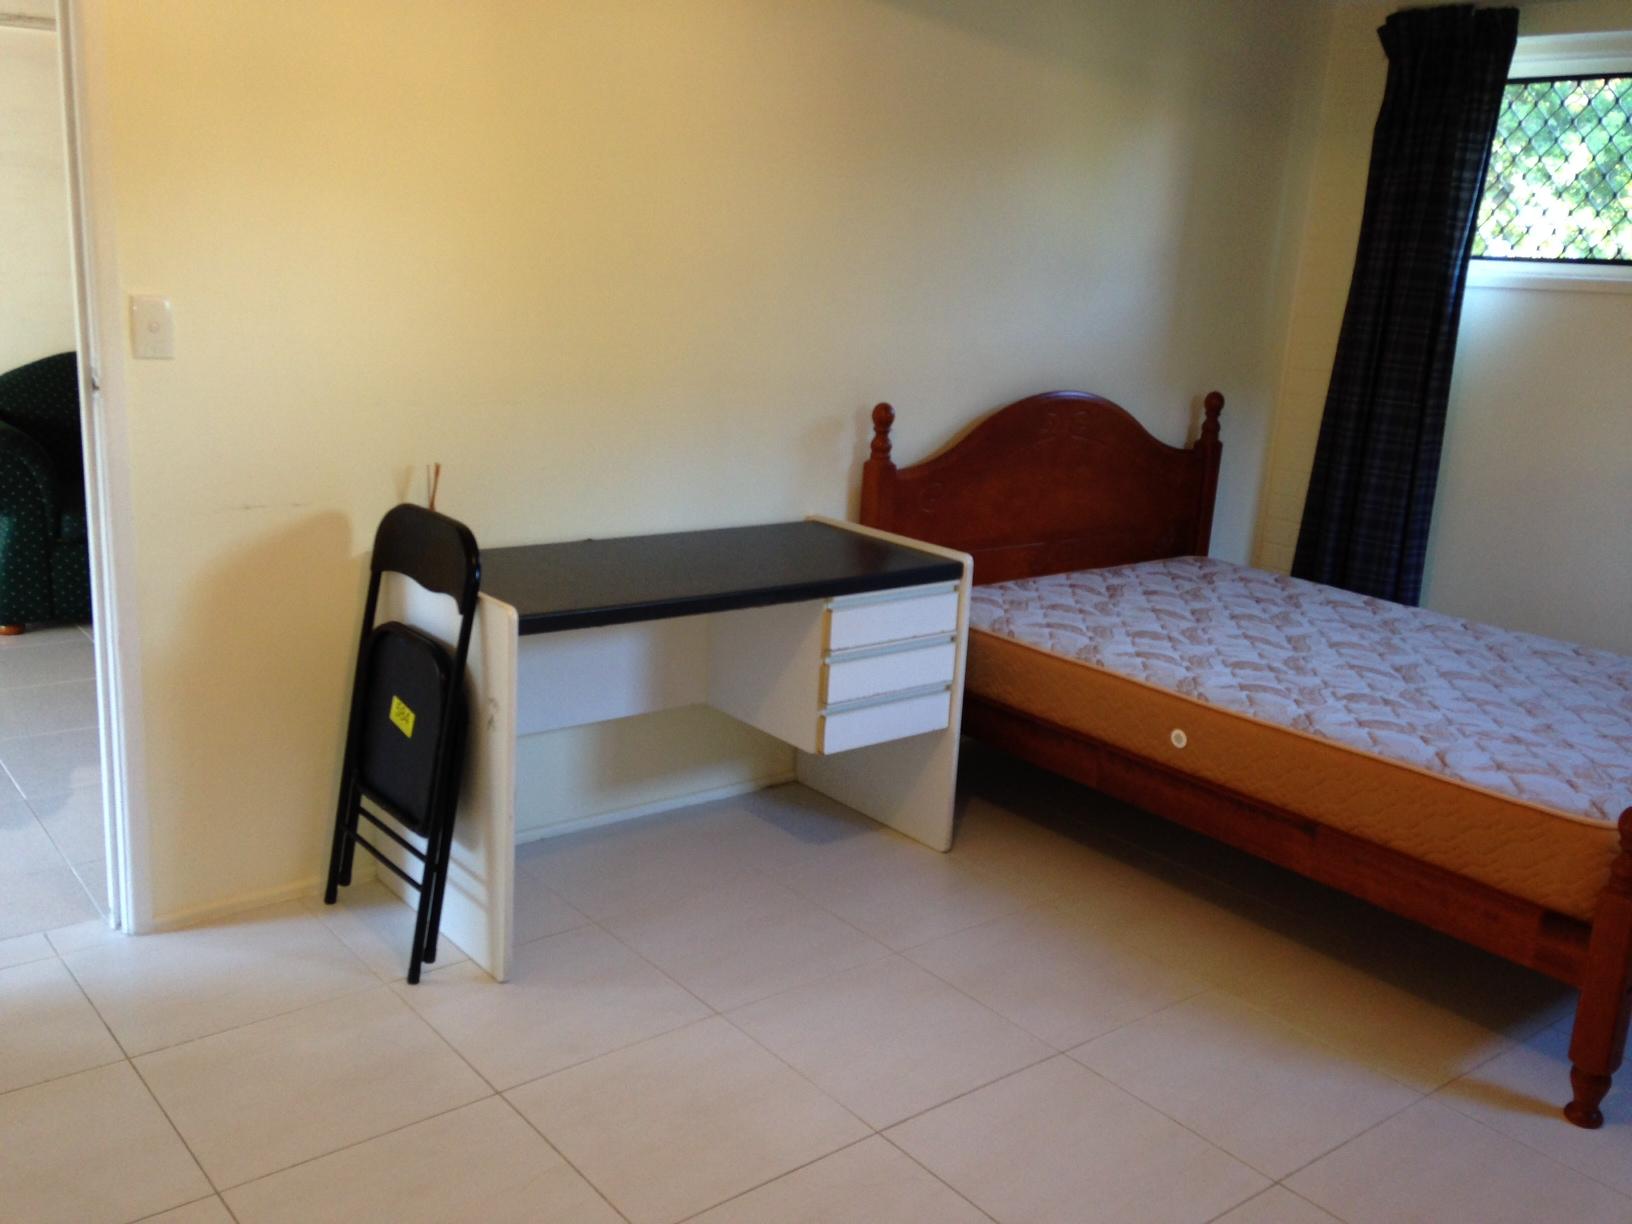 Brisbane Algester 獨立套房(兩房一廳)出租   $285/week.